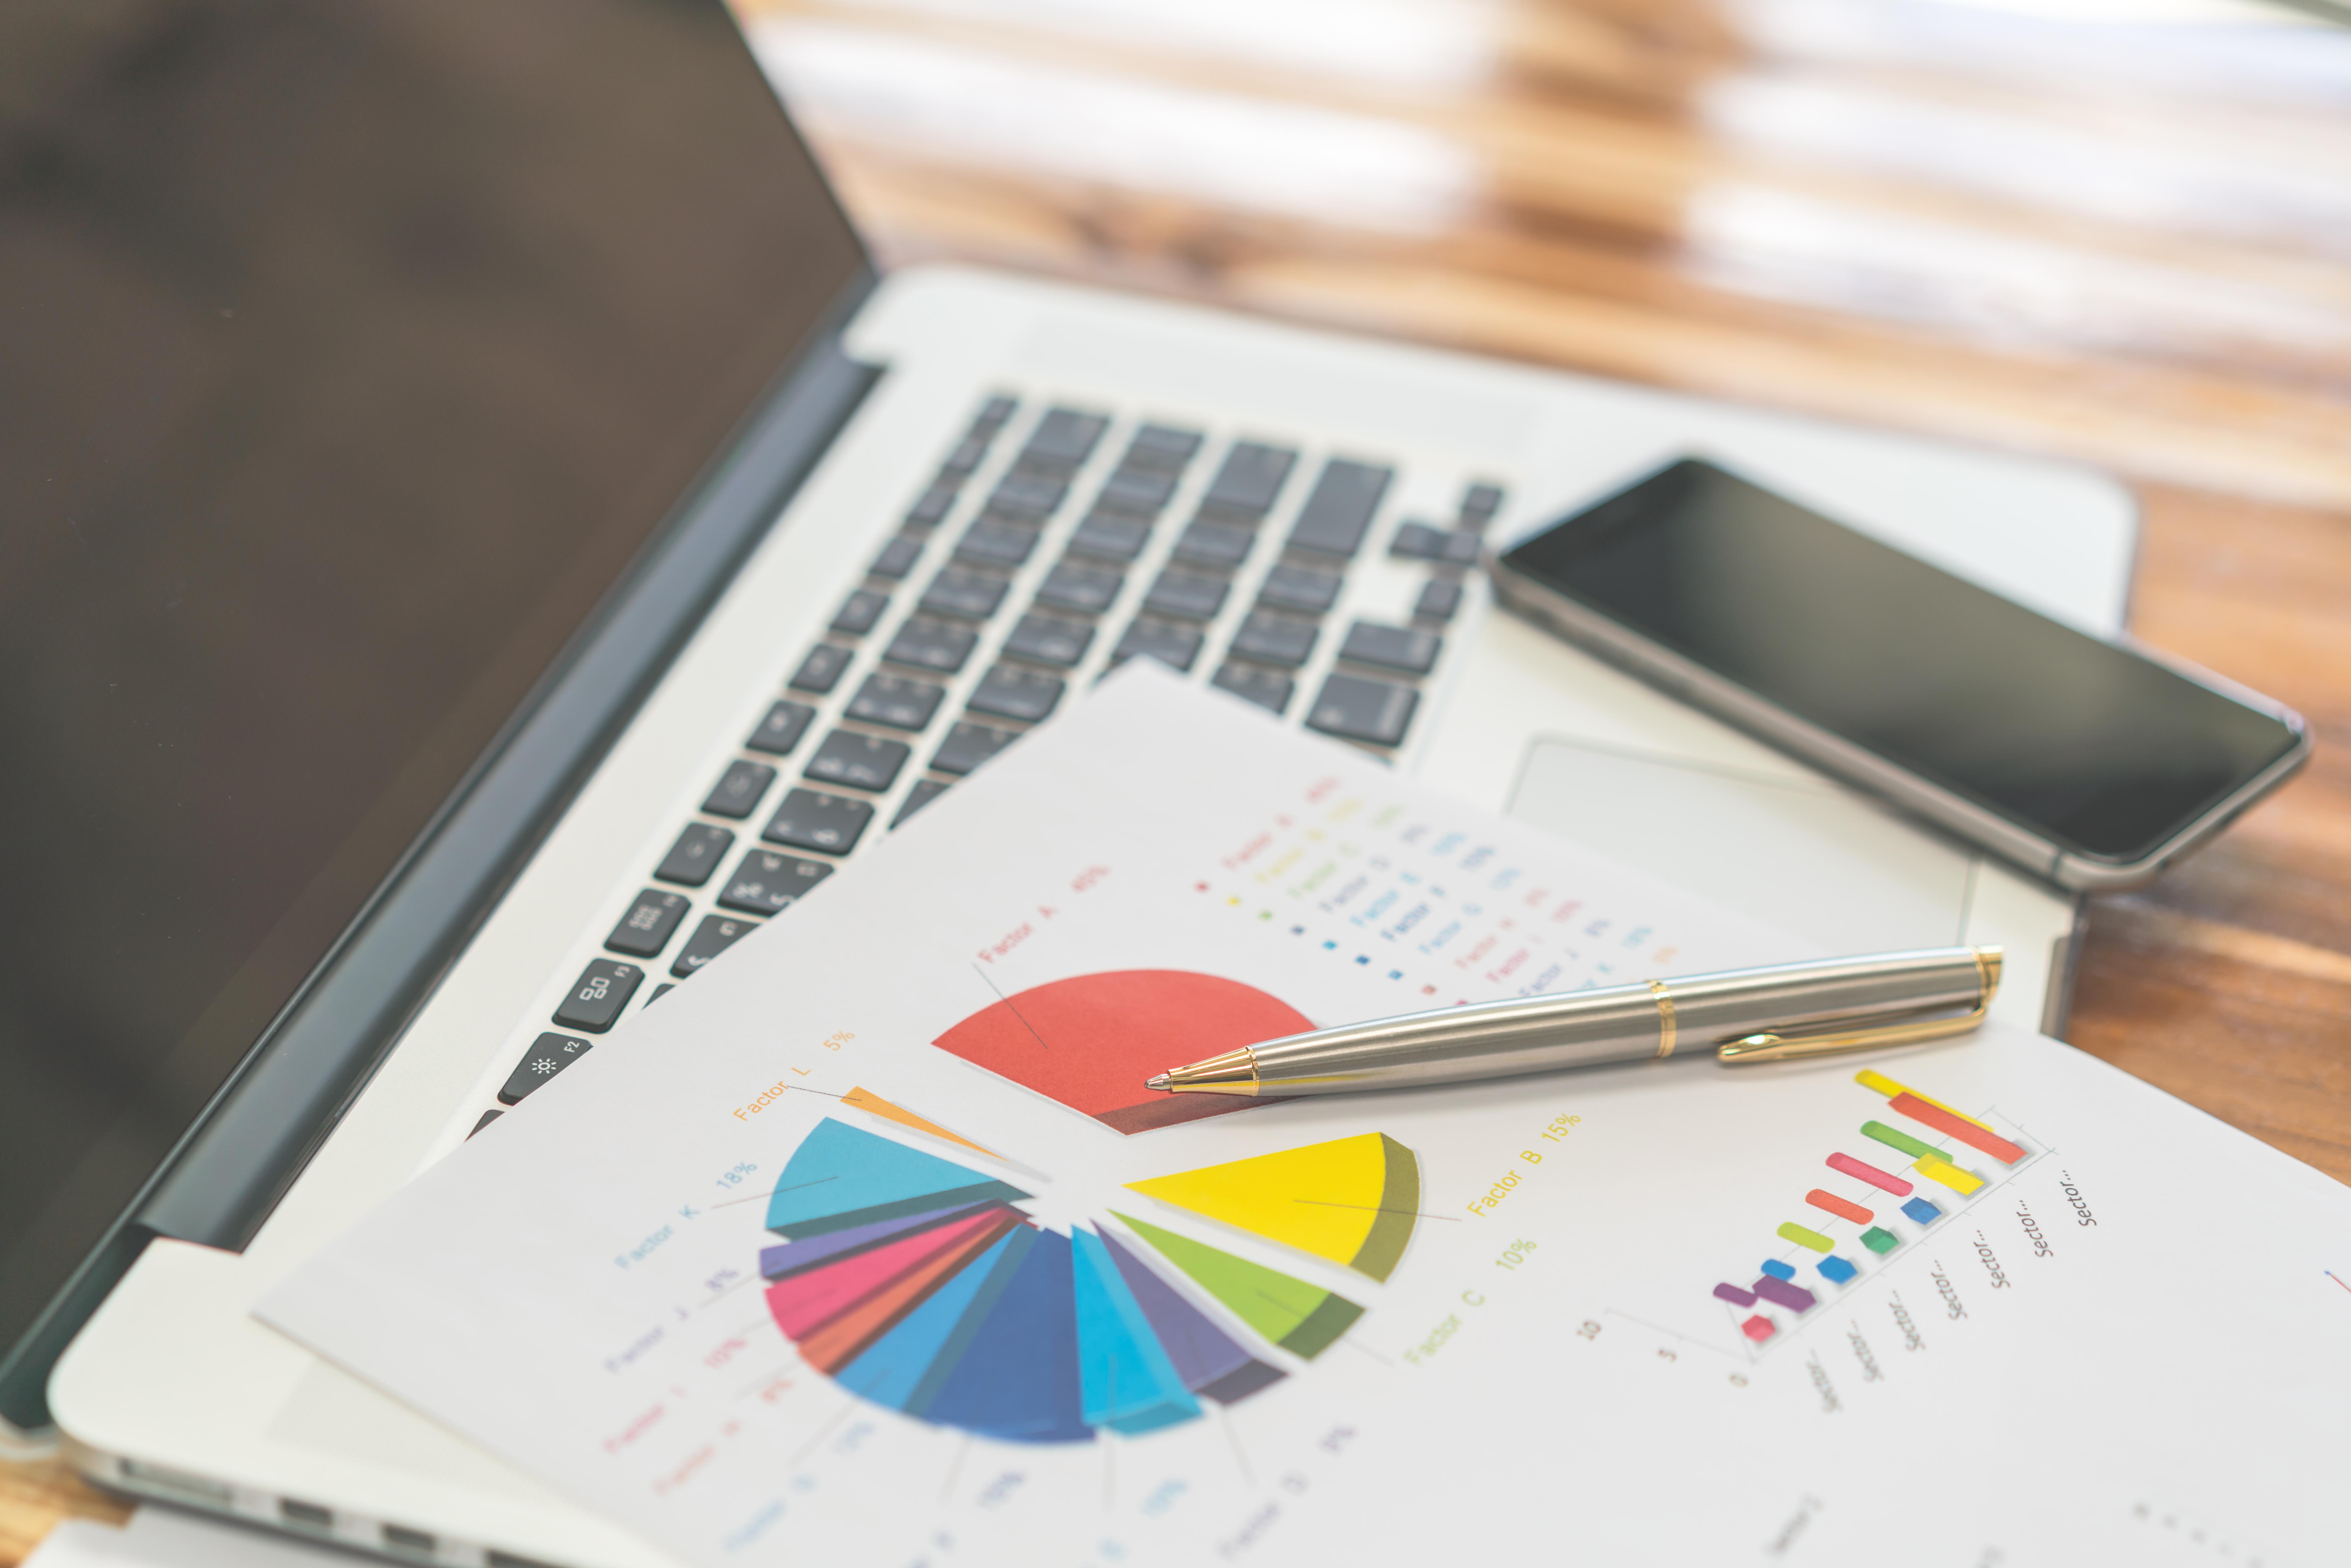 Todo lo que debes saber sobre Indicadores de Gestion, para qué sirven y ejemplos de indicadores de gestión